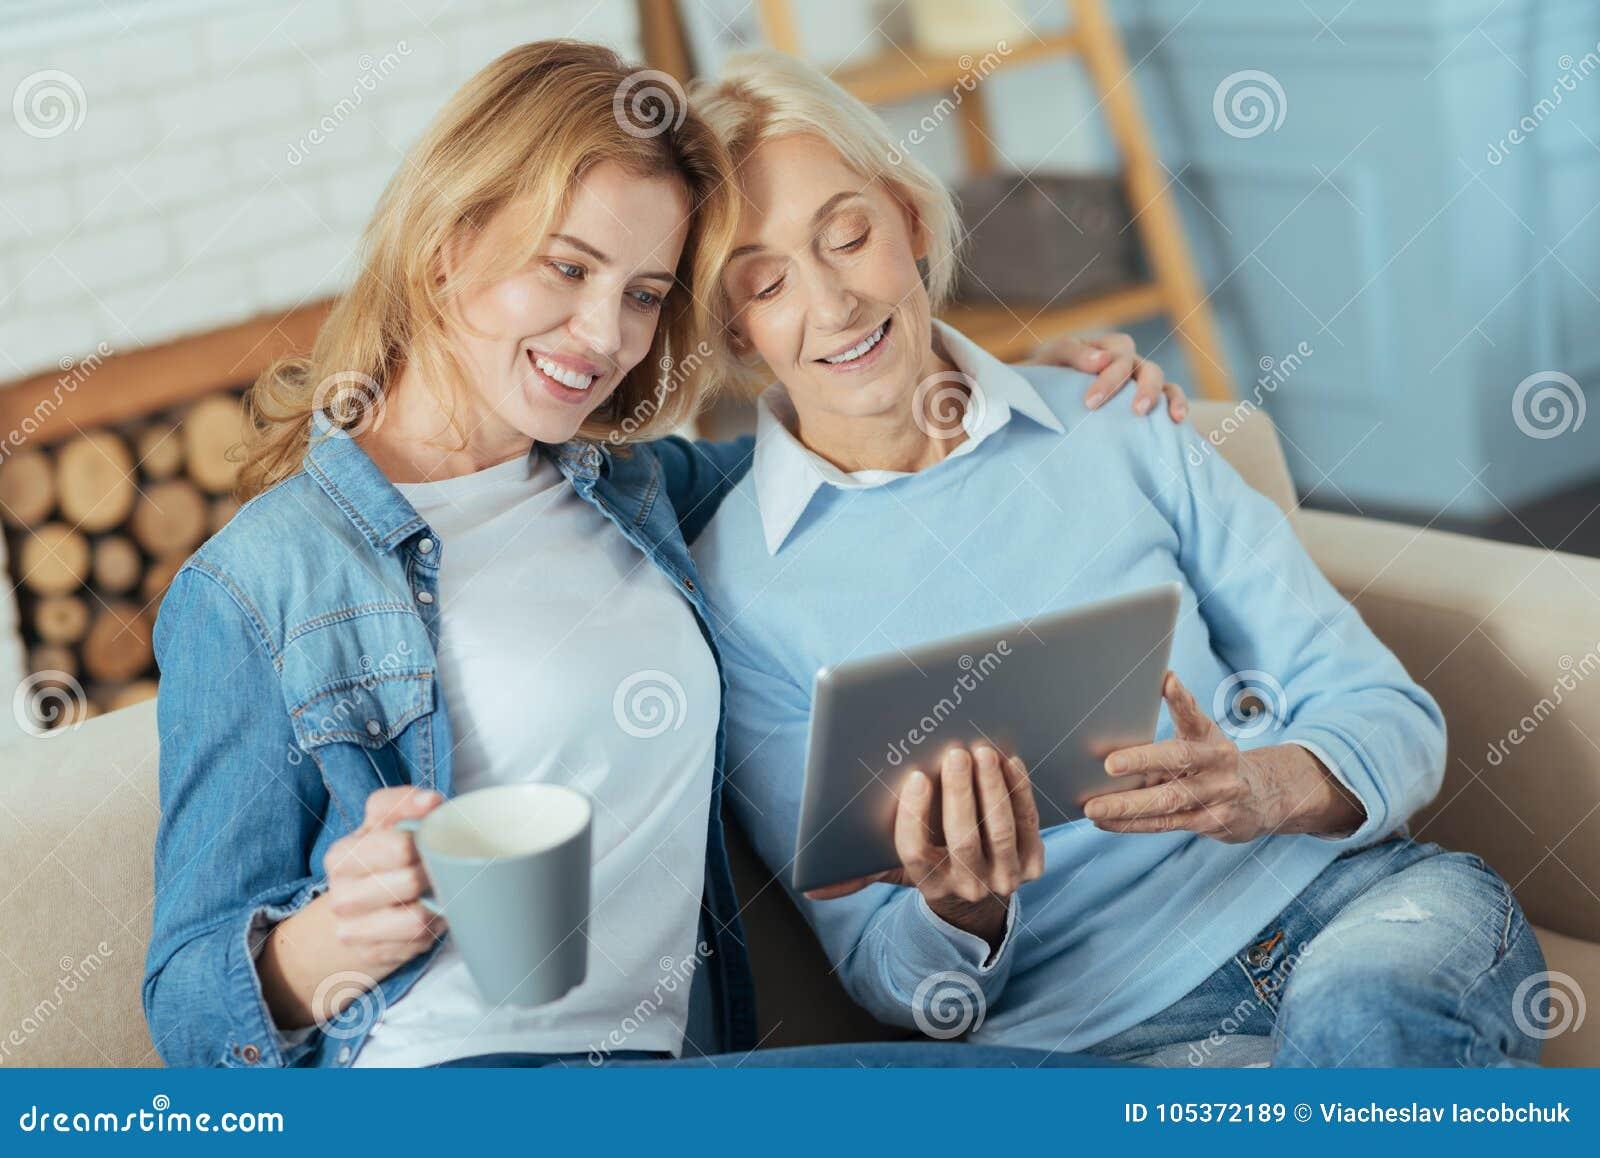 Mujer joven linda que abraza a su abuela mientras que sostiene una taza de té